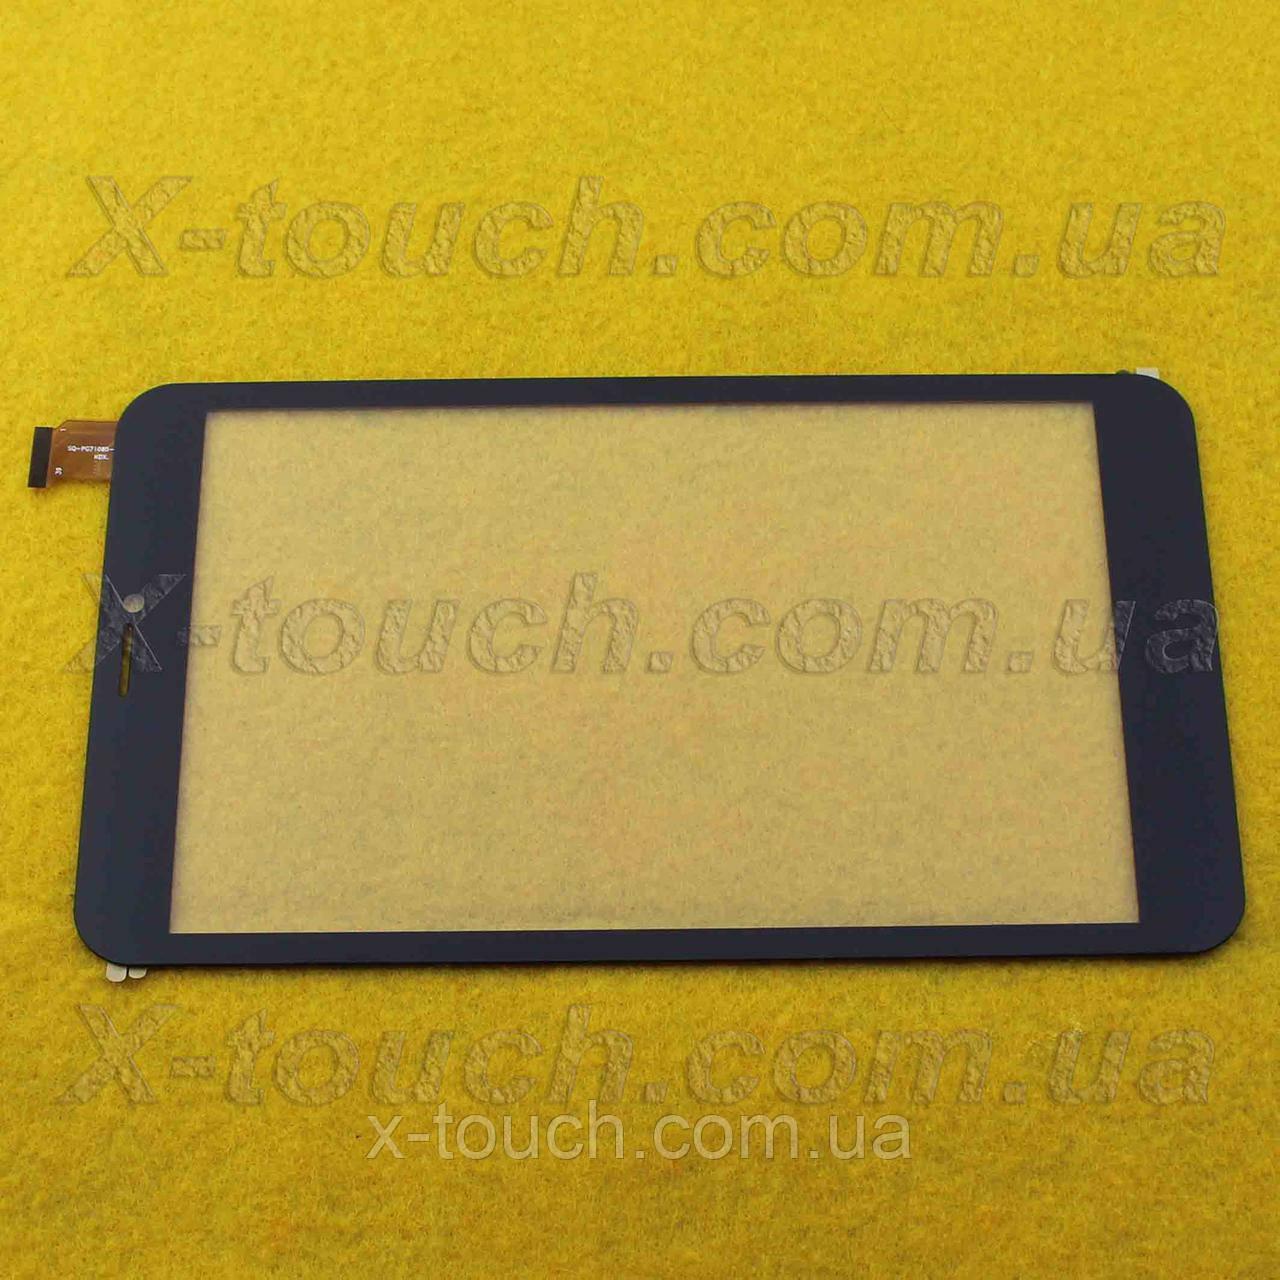 Cенсор, тачскрин SQ-PG71085-FPC-A0 для планшета, цвет черный.